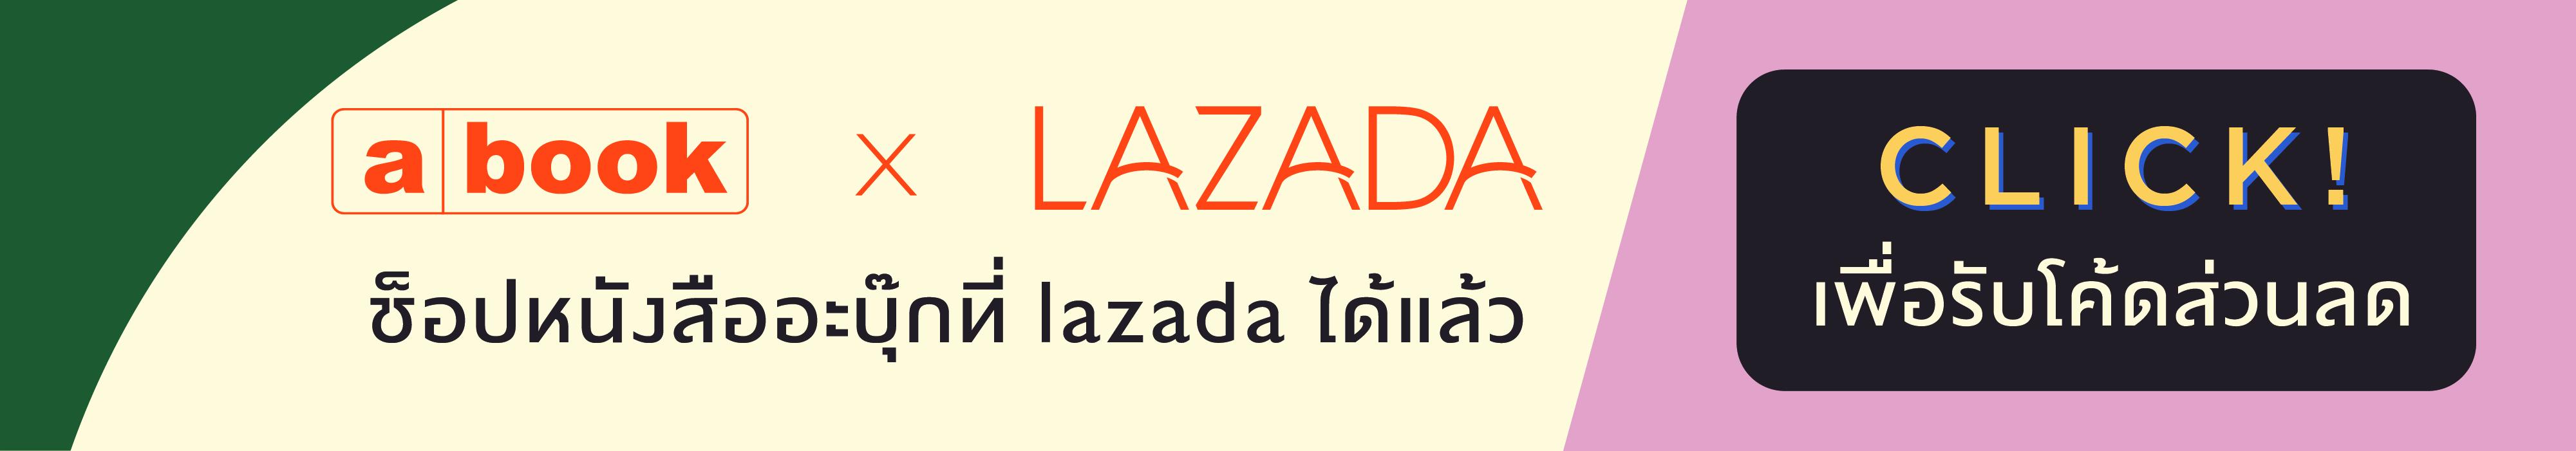 a book X LAZADA